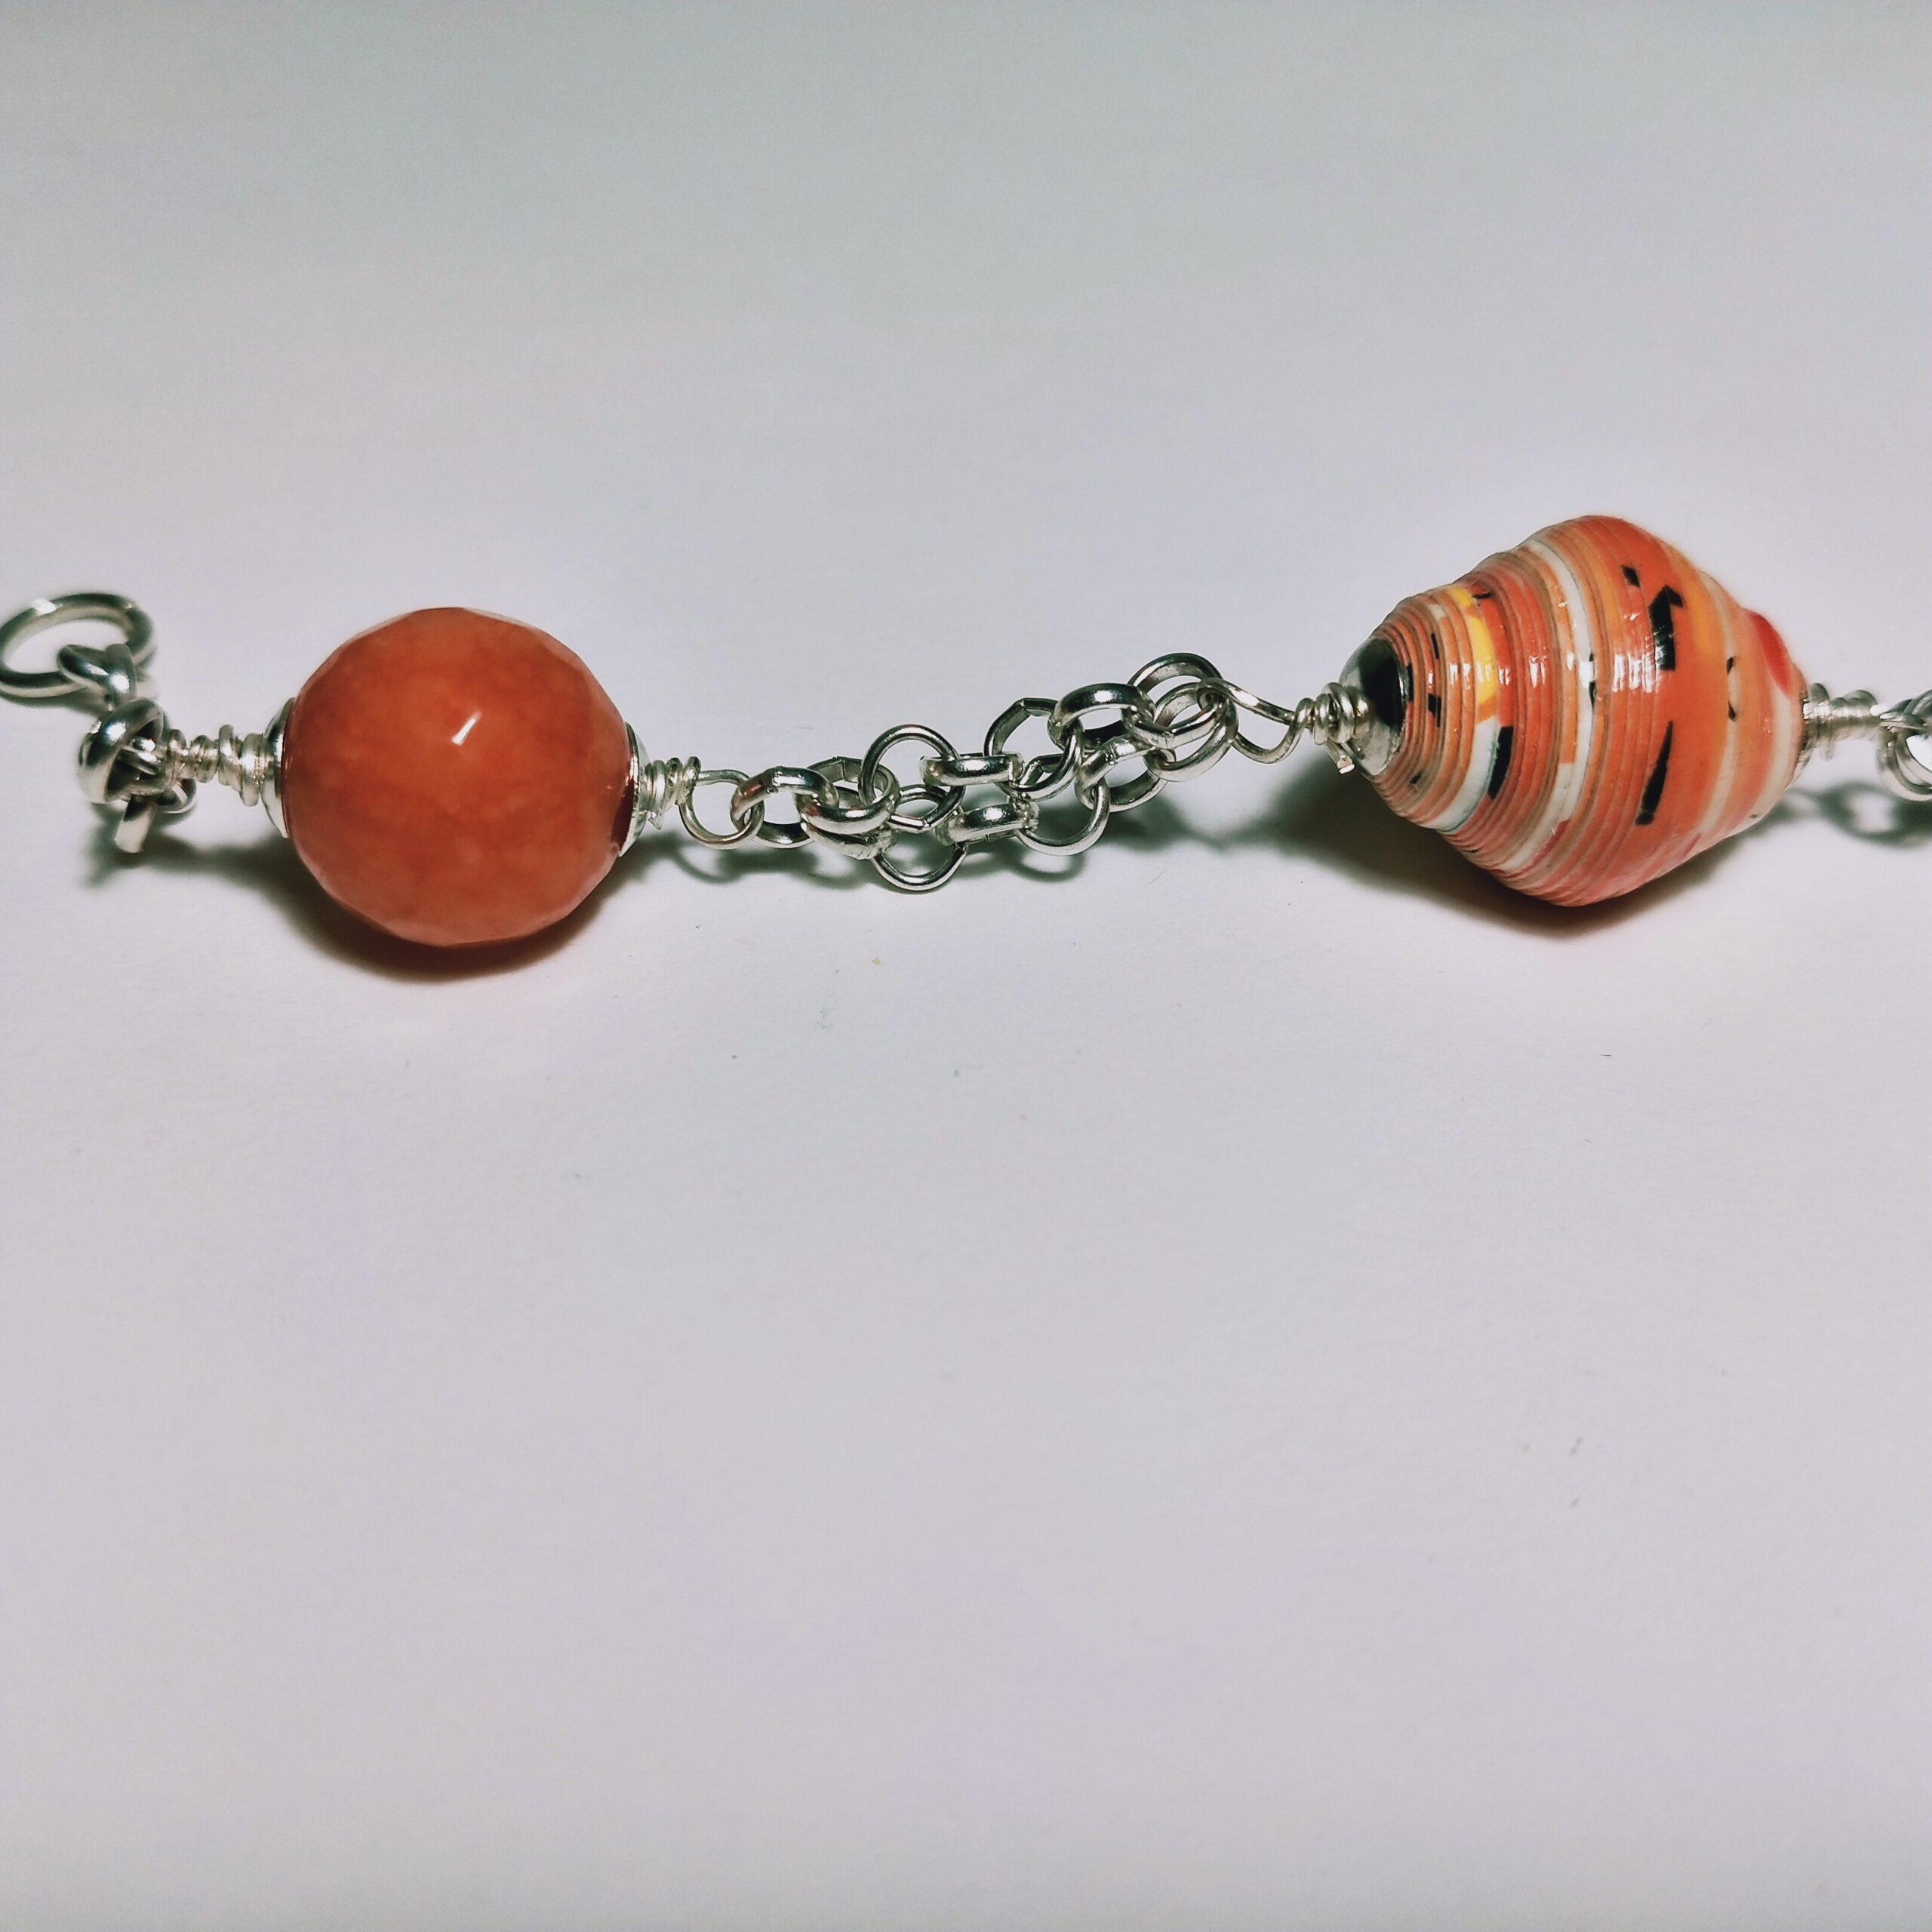 Bracciale rosso arancio dettaglio